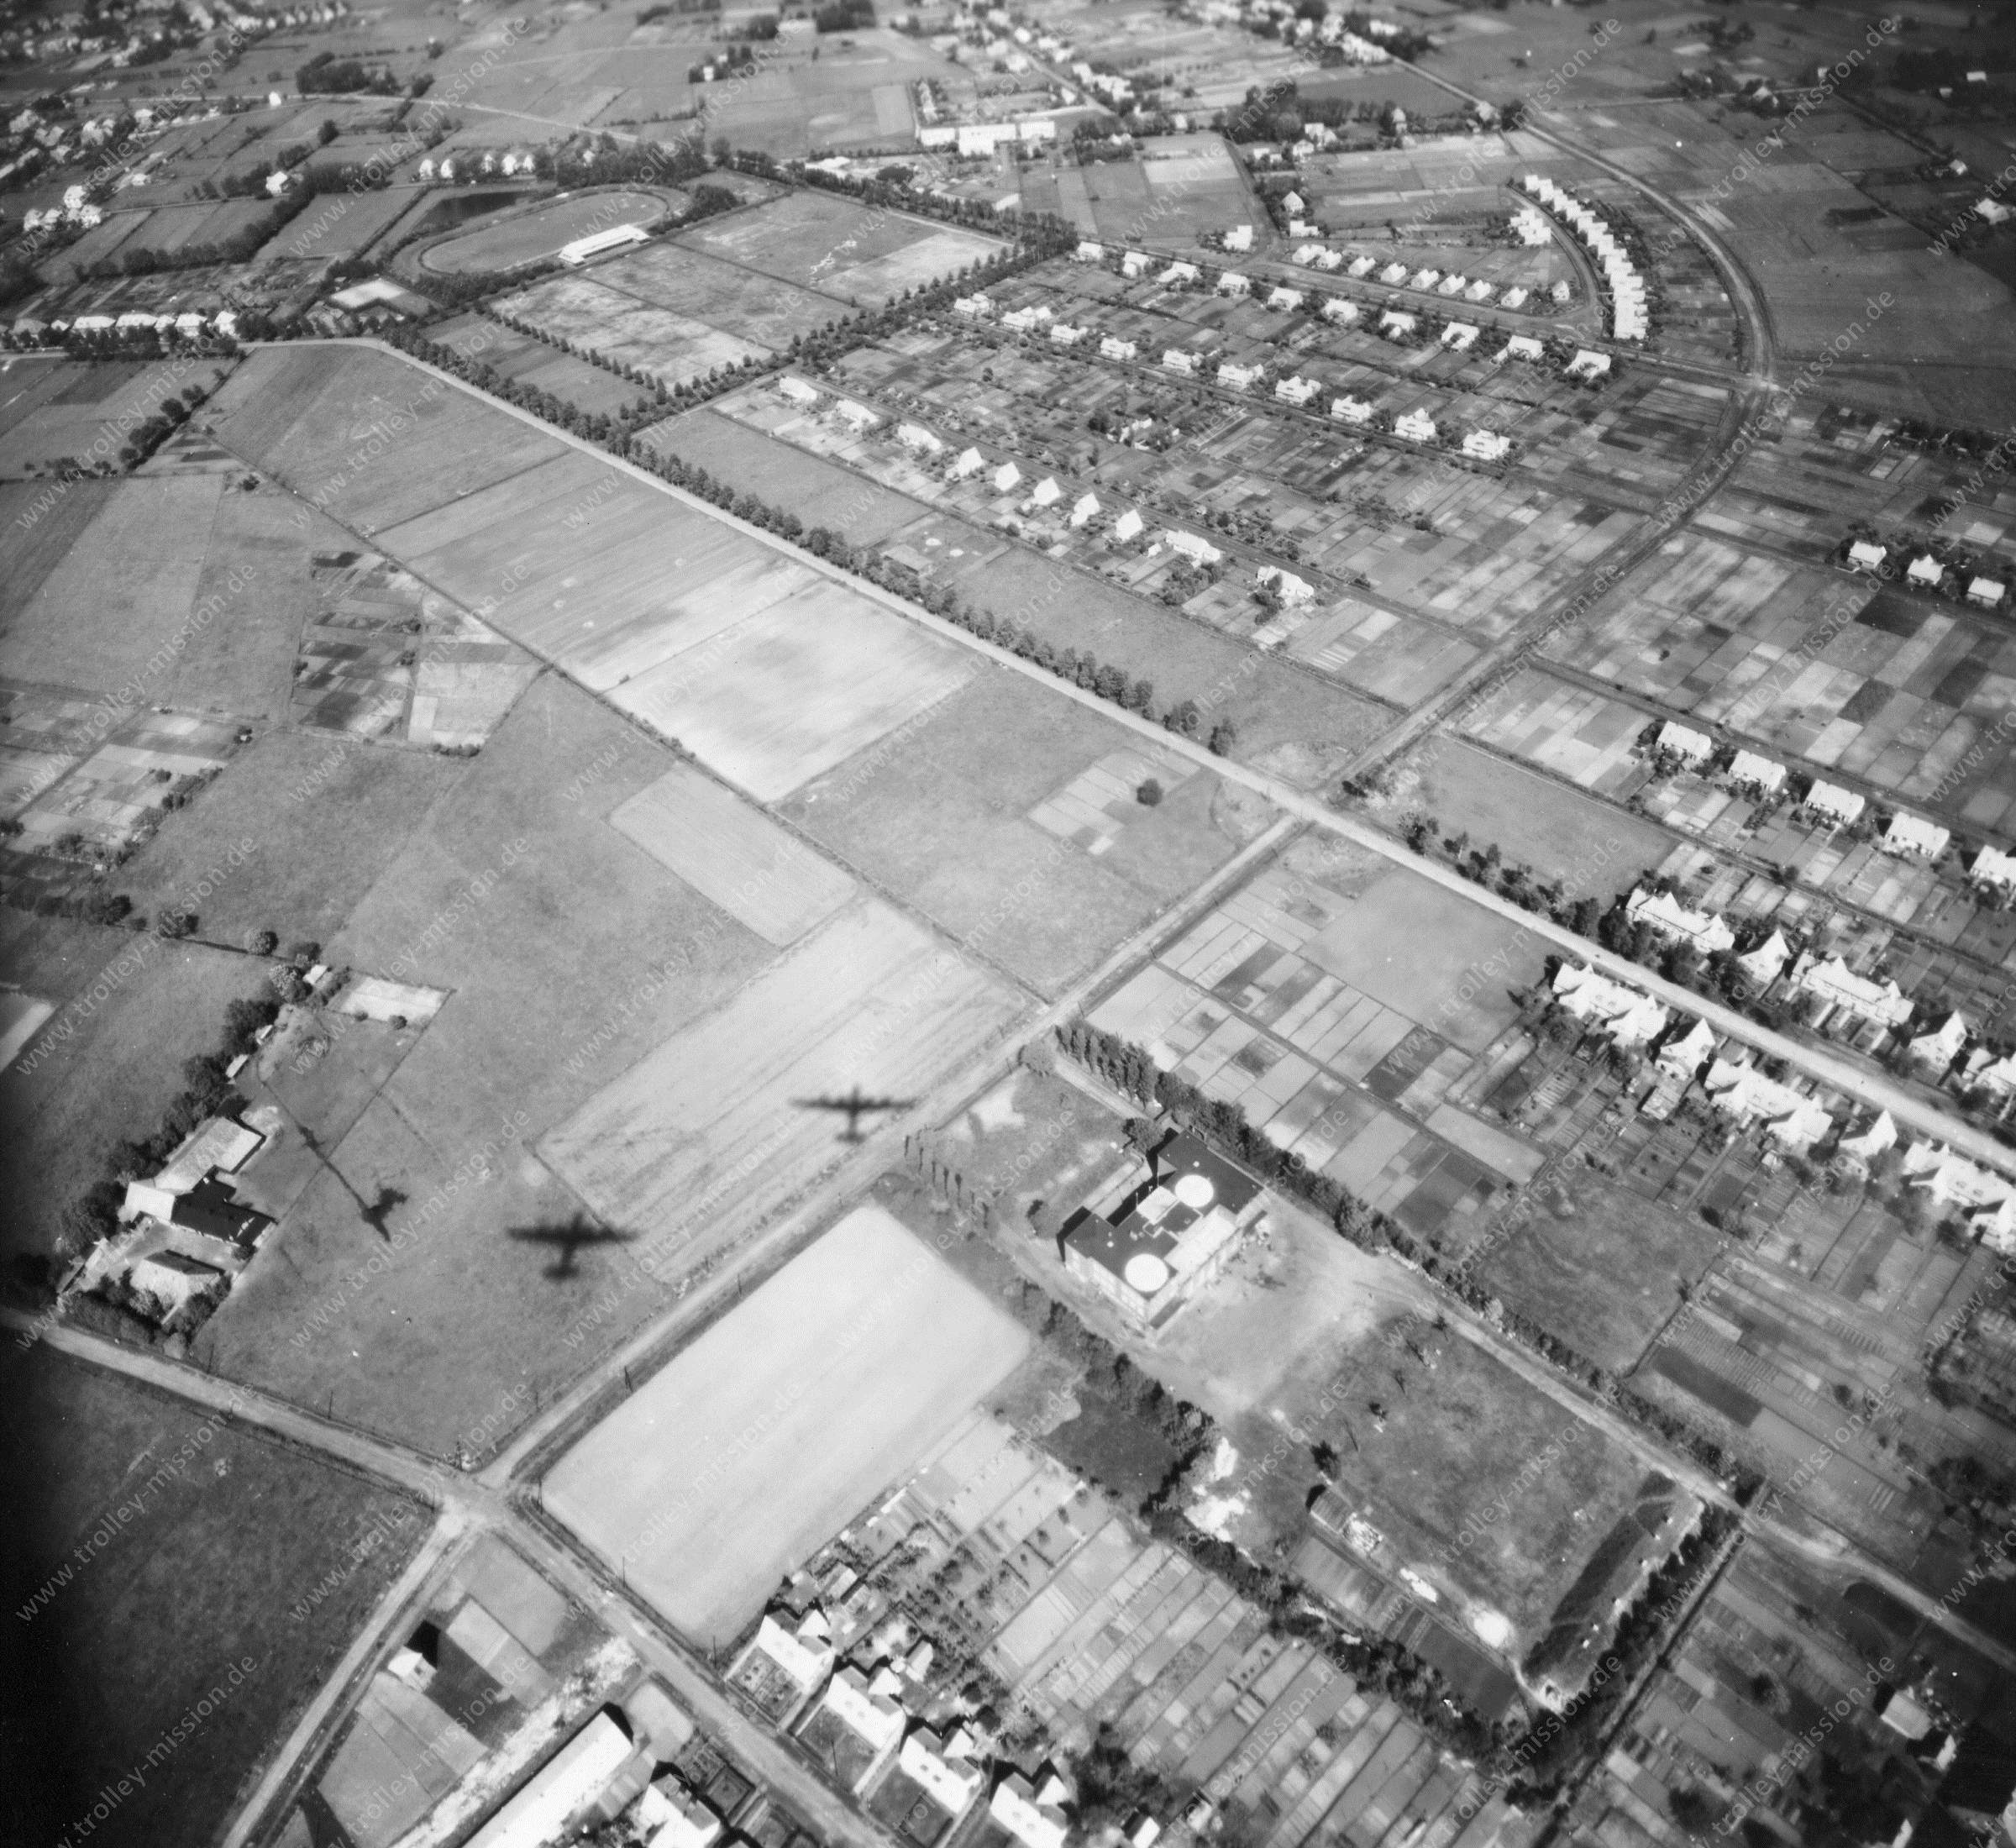 Luftbild von Bremen am 12. Mai 1945 - Luftbildserie 1/12 der US Air Force